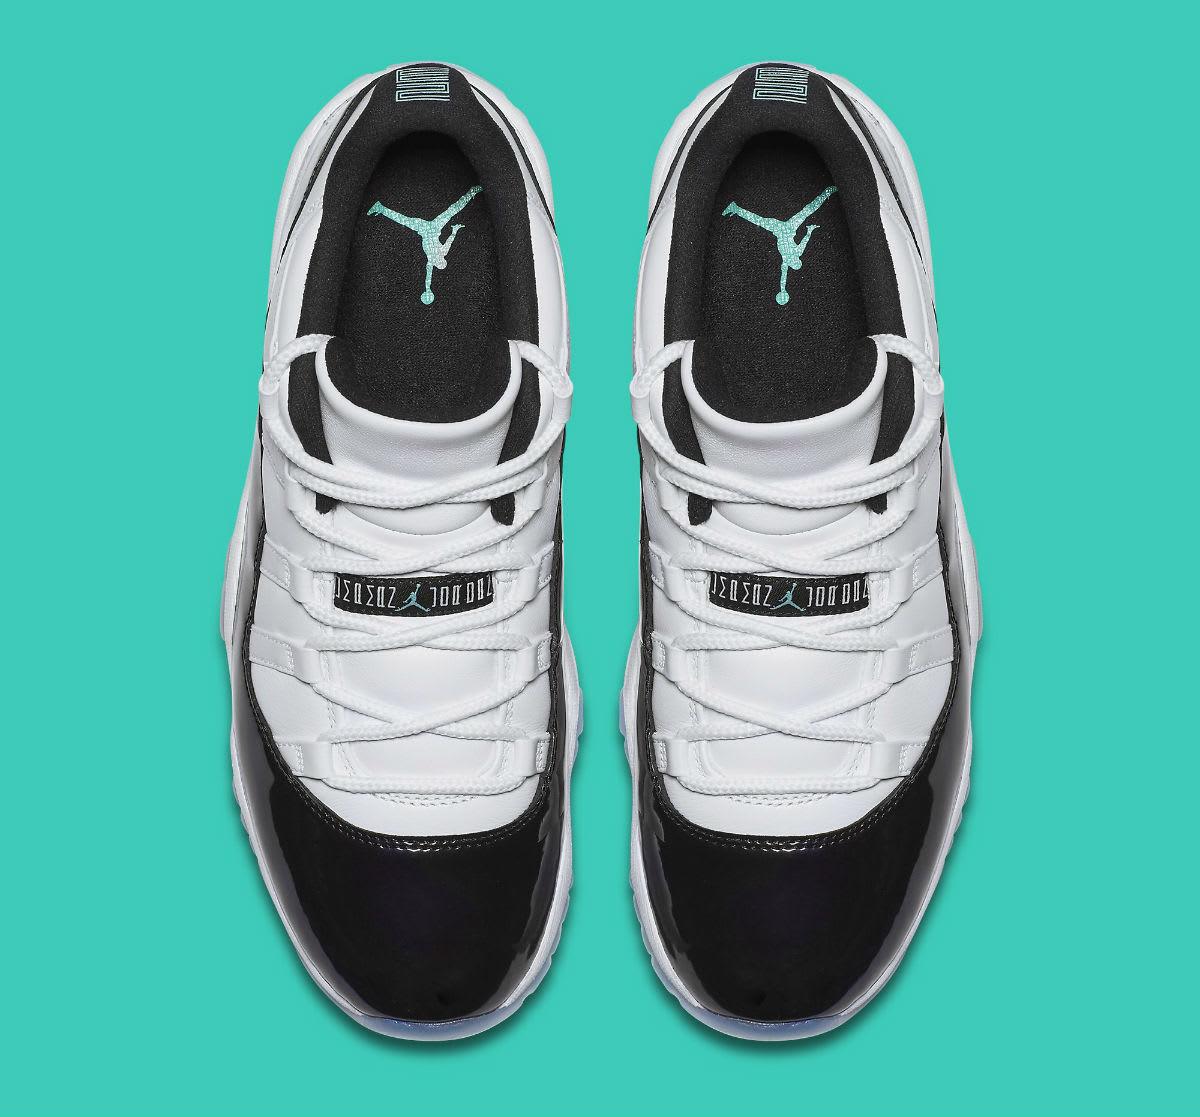 Air Jordan 11 XI Low Emerald Easter Release Date 528895-145 Top